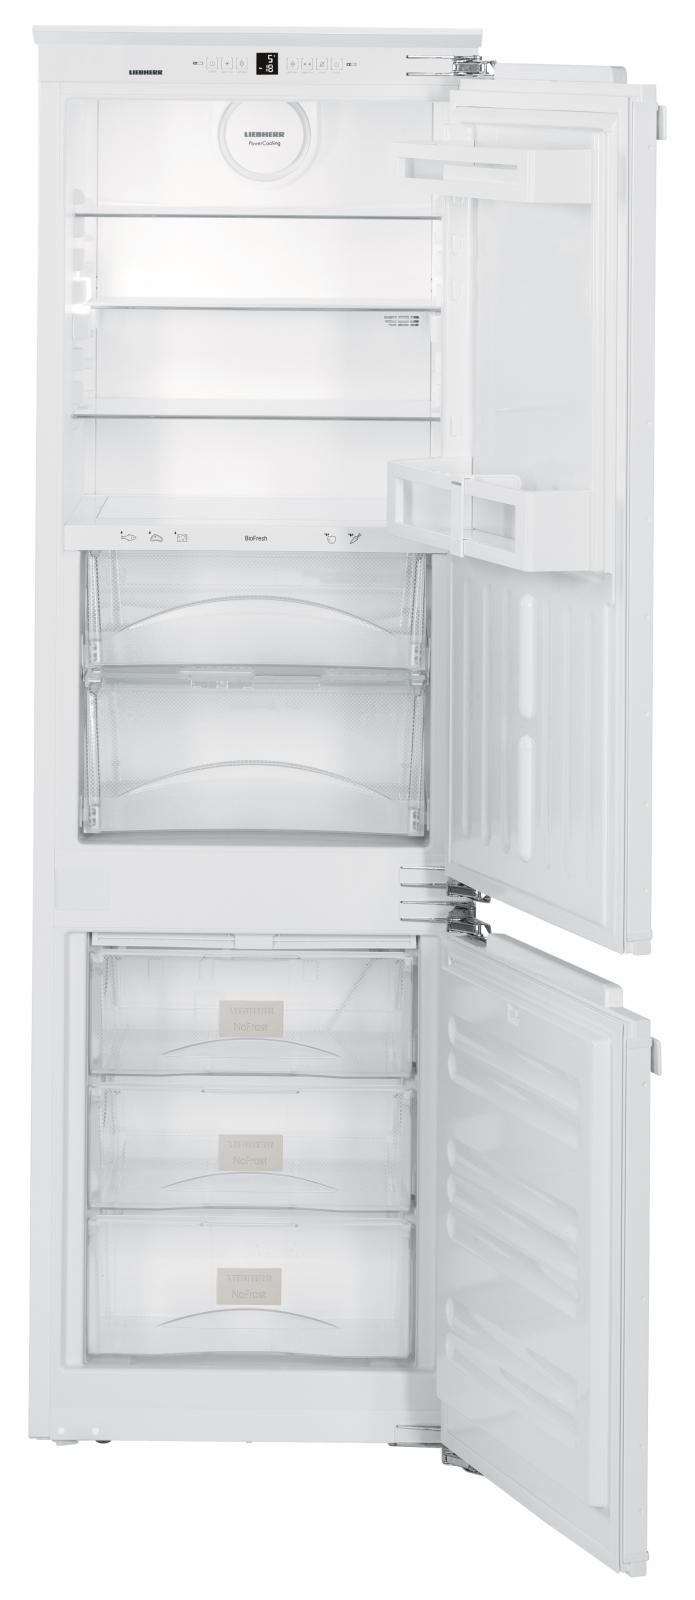 купить Встраиваемый двухкамерный холодильник Liebherr ICBN 3324 Украина фото 2